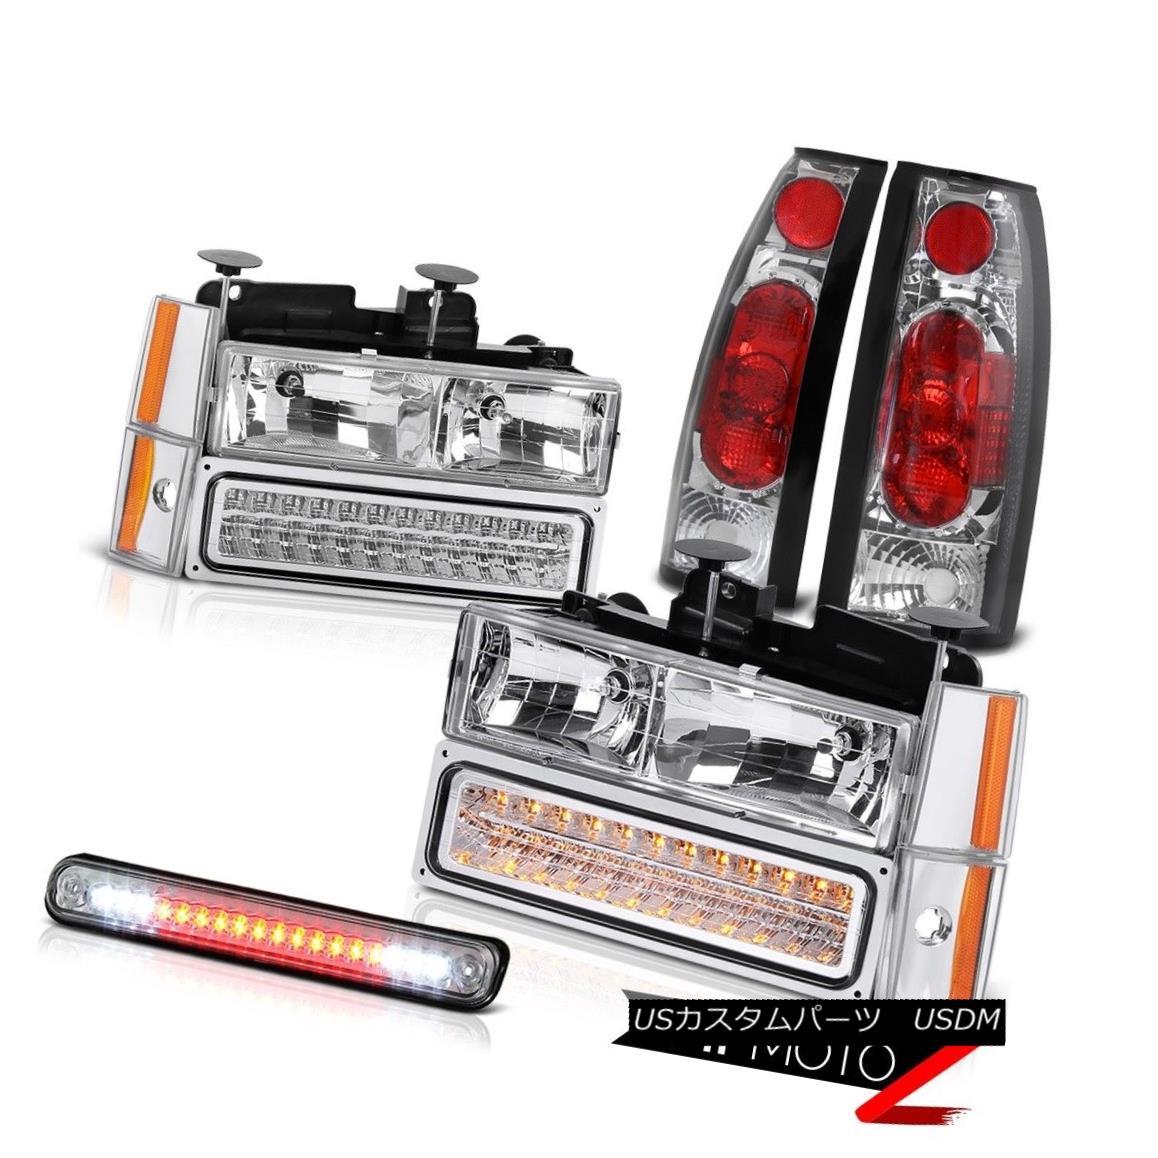 テールライト ALL Chrome LED Cargo Cab Brake Tail Light Corner Signal Parking Head Lights Lamp すべてのクロームLEDカーゴキャブブレーキテールライトコーナー信号ヘッドライトランプ